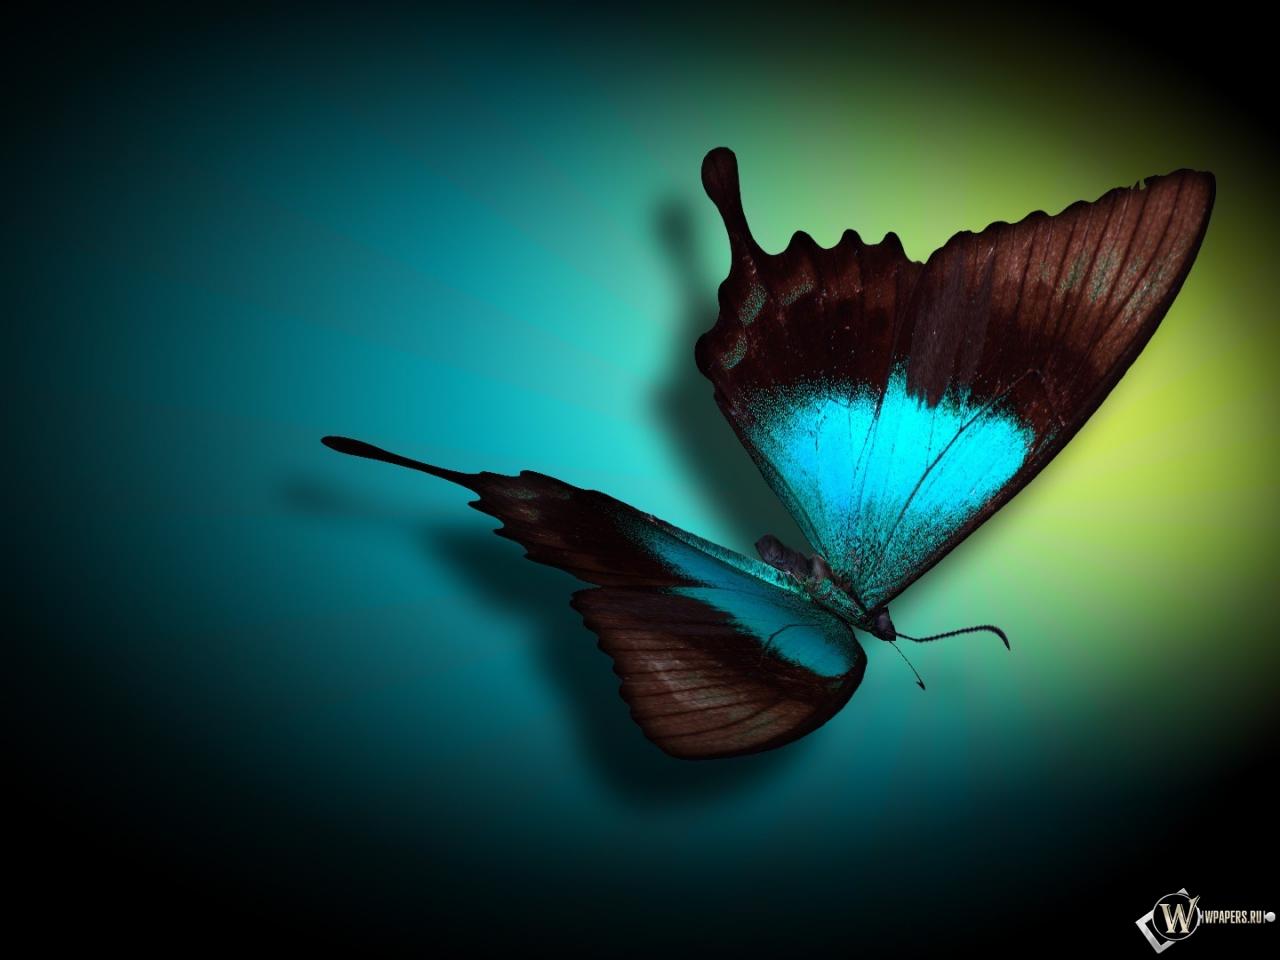 Бабочка 1280x960